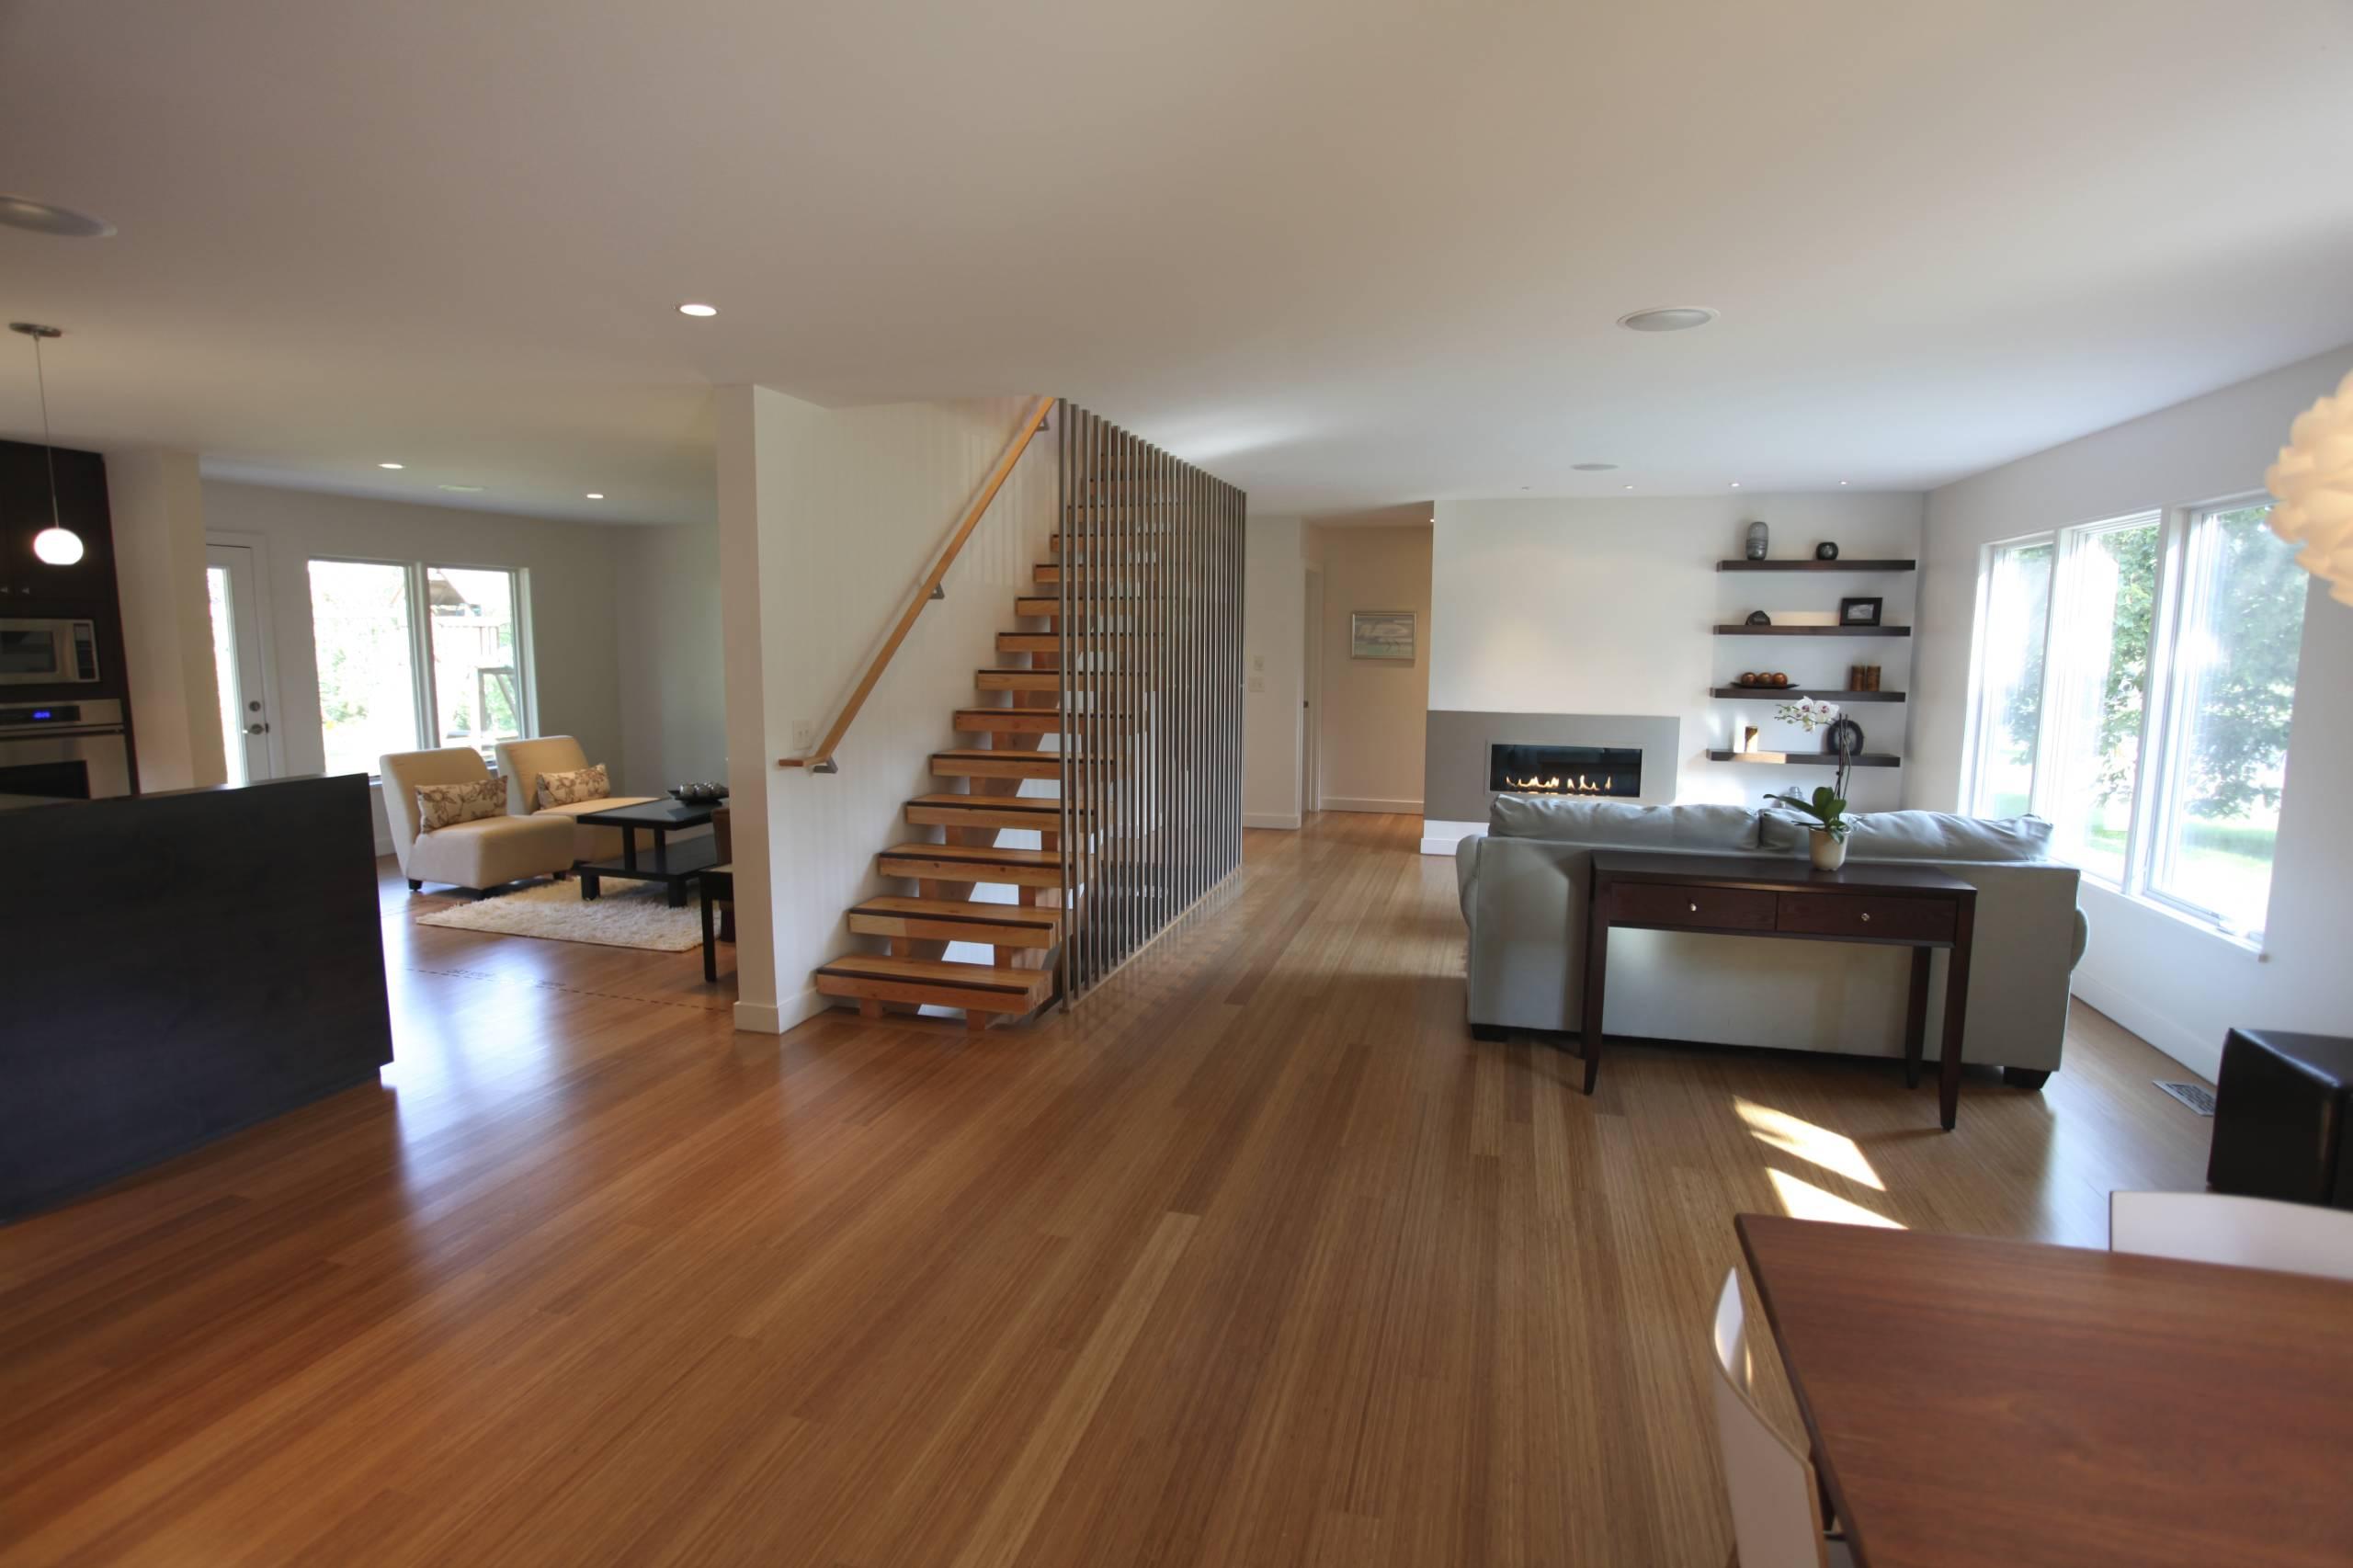 cv-bamboo-floors-installed-living-room.jpg